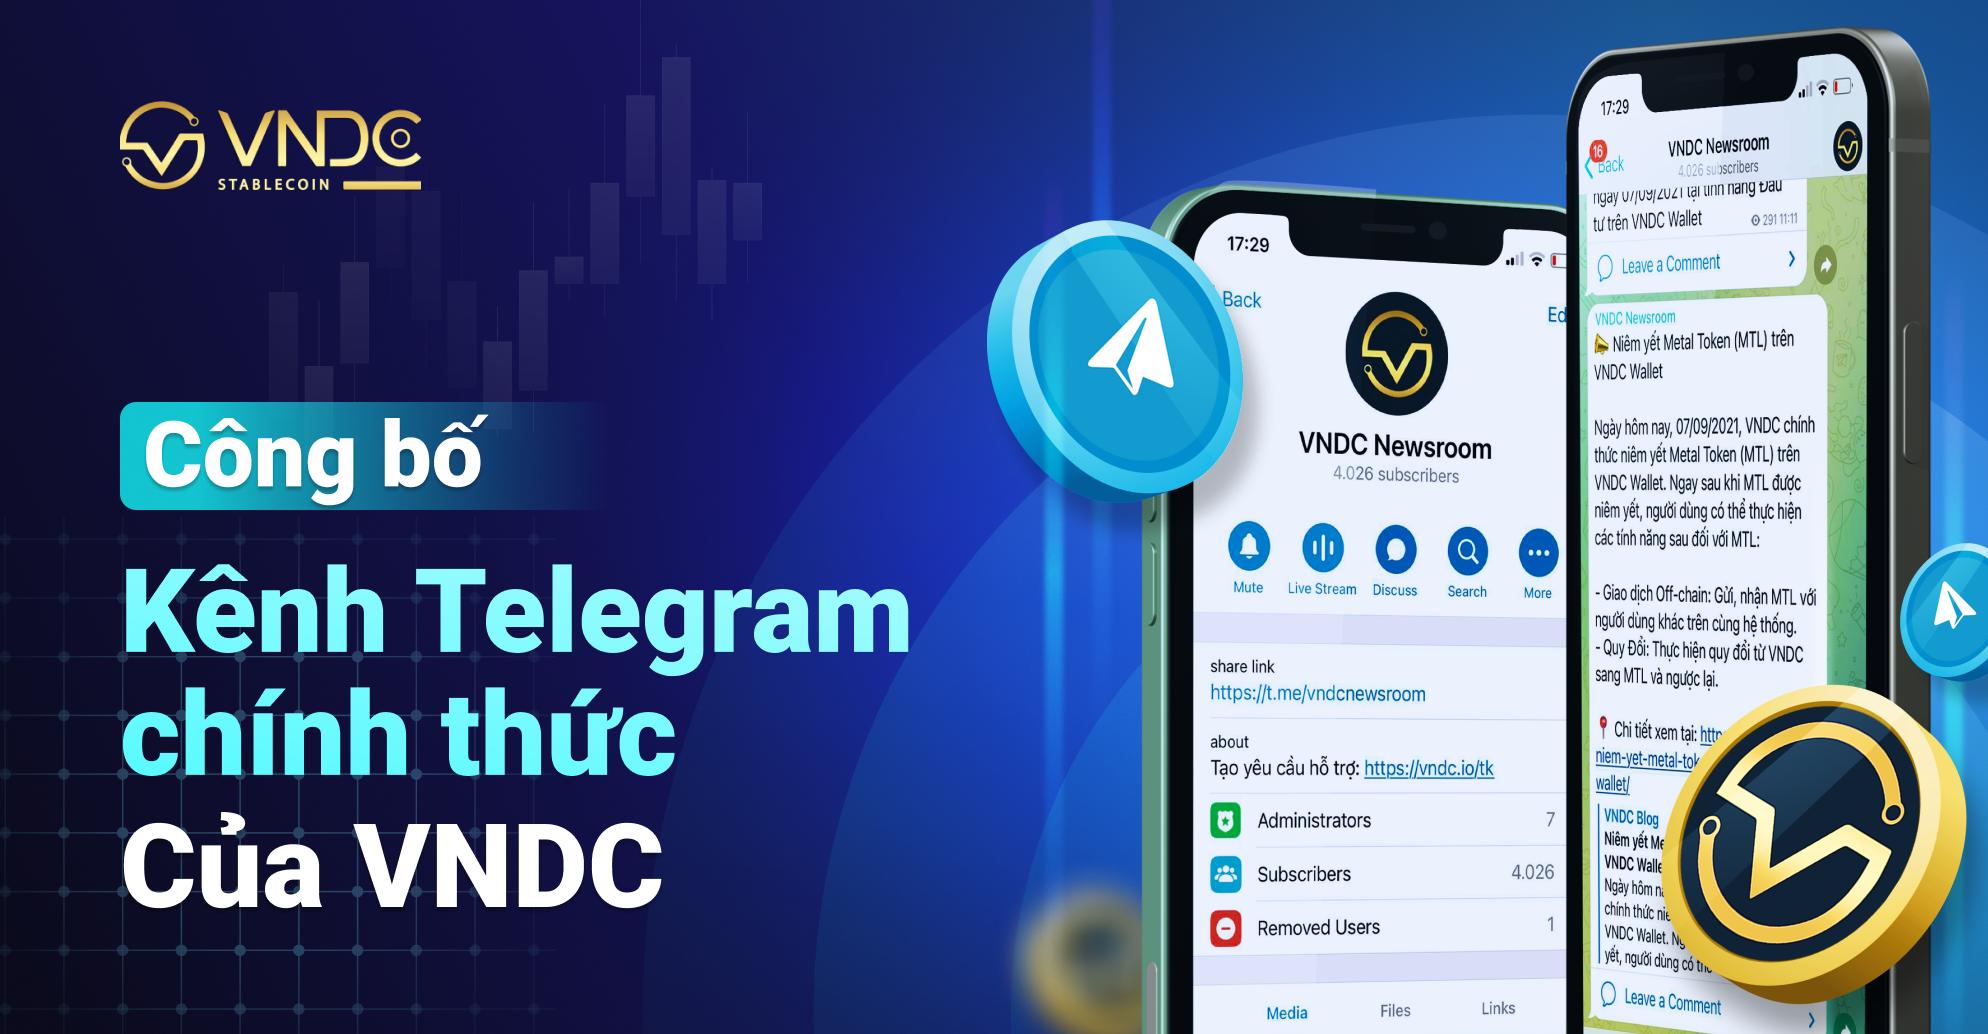 Công bố kênh Telegram chính thức của VNDC